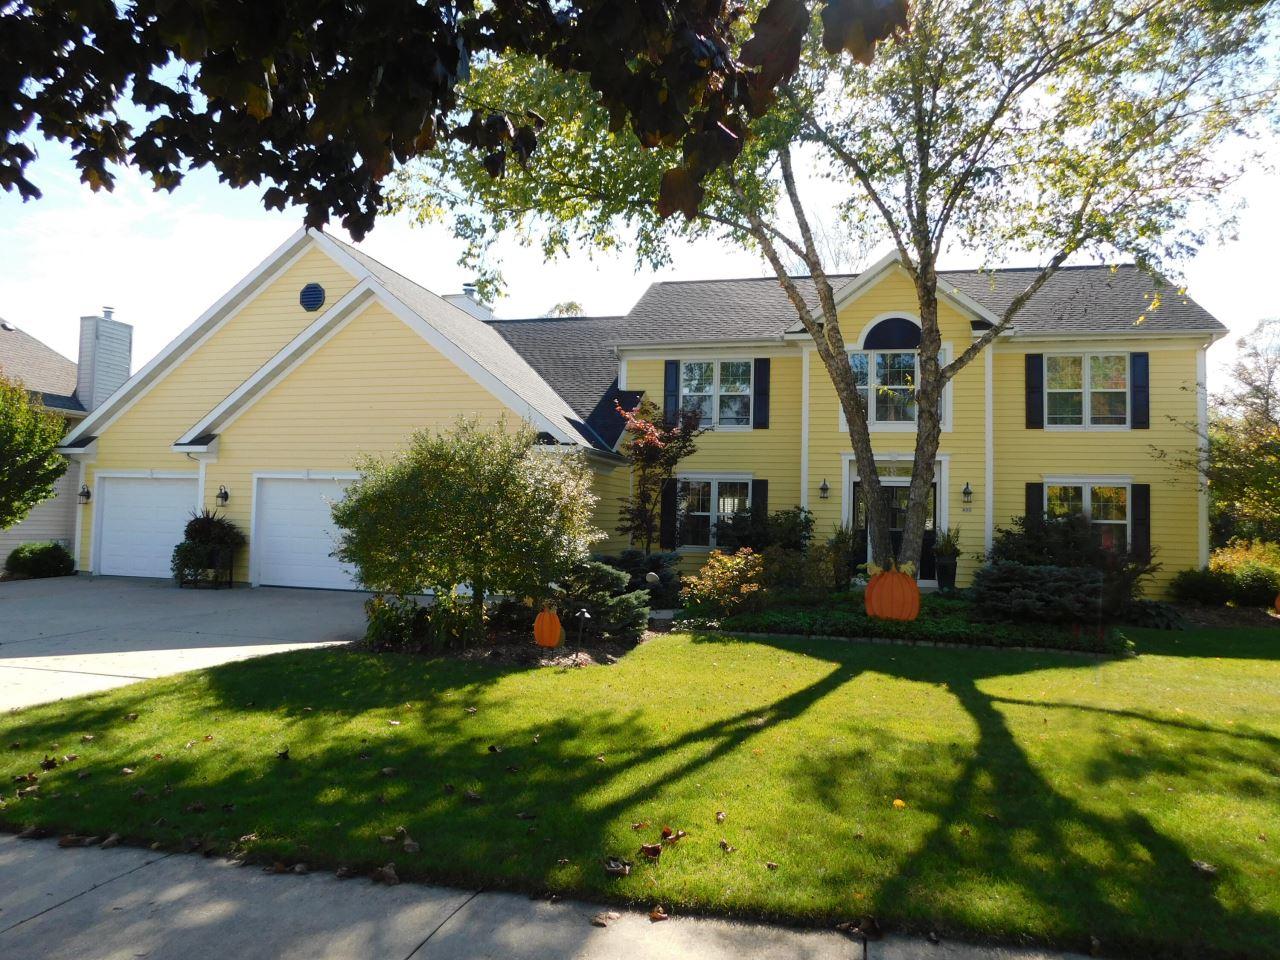 453 Deerwood Ct, Grafton, WI 53024 - #: 1768321